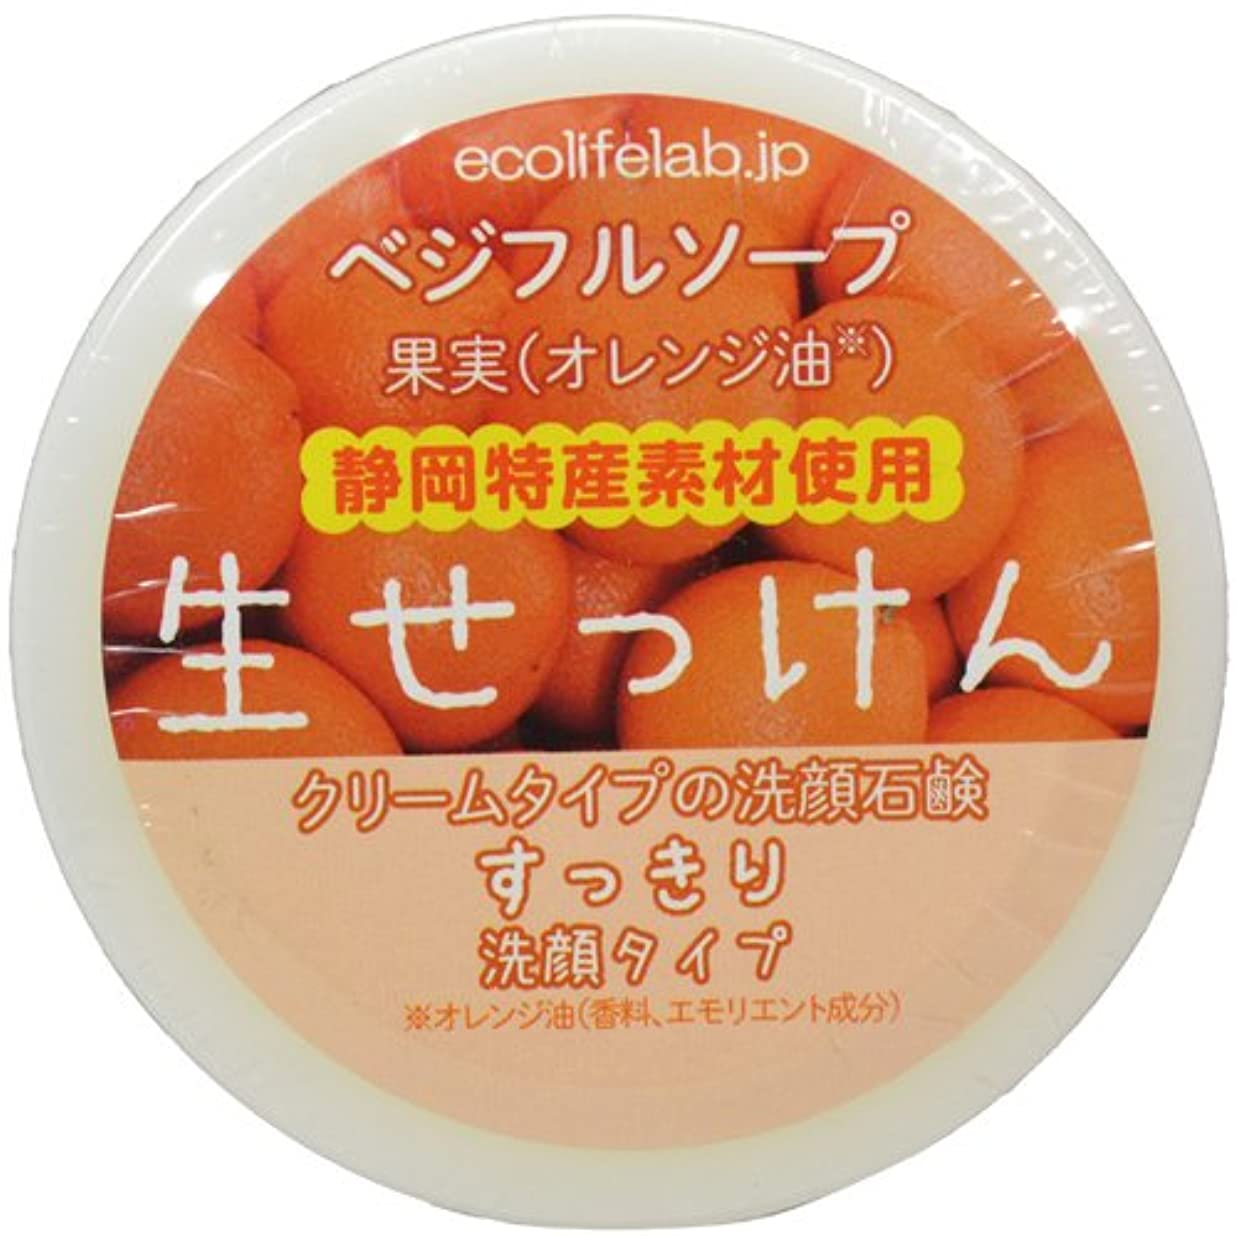 群がる発生器覚醒ベジフルソープ 生せっけん(果実) すっきり洗顔タイプ 40g